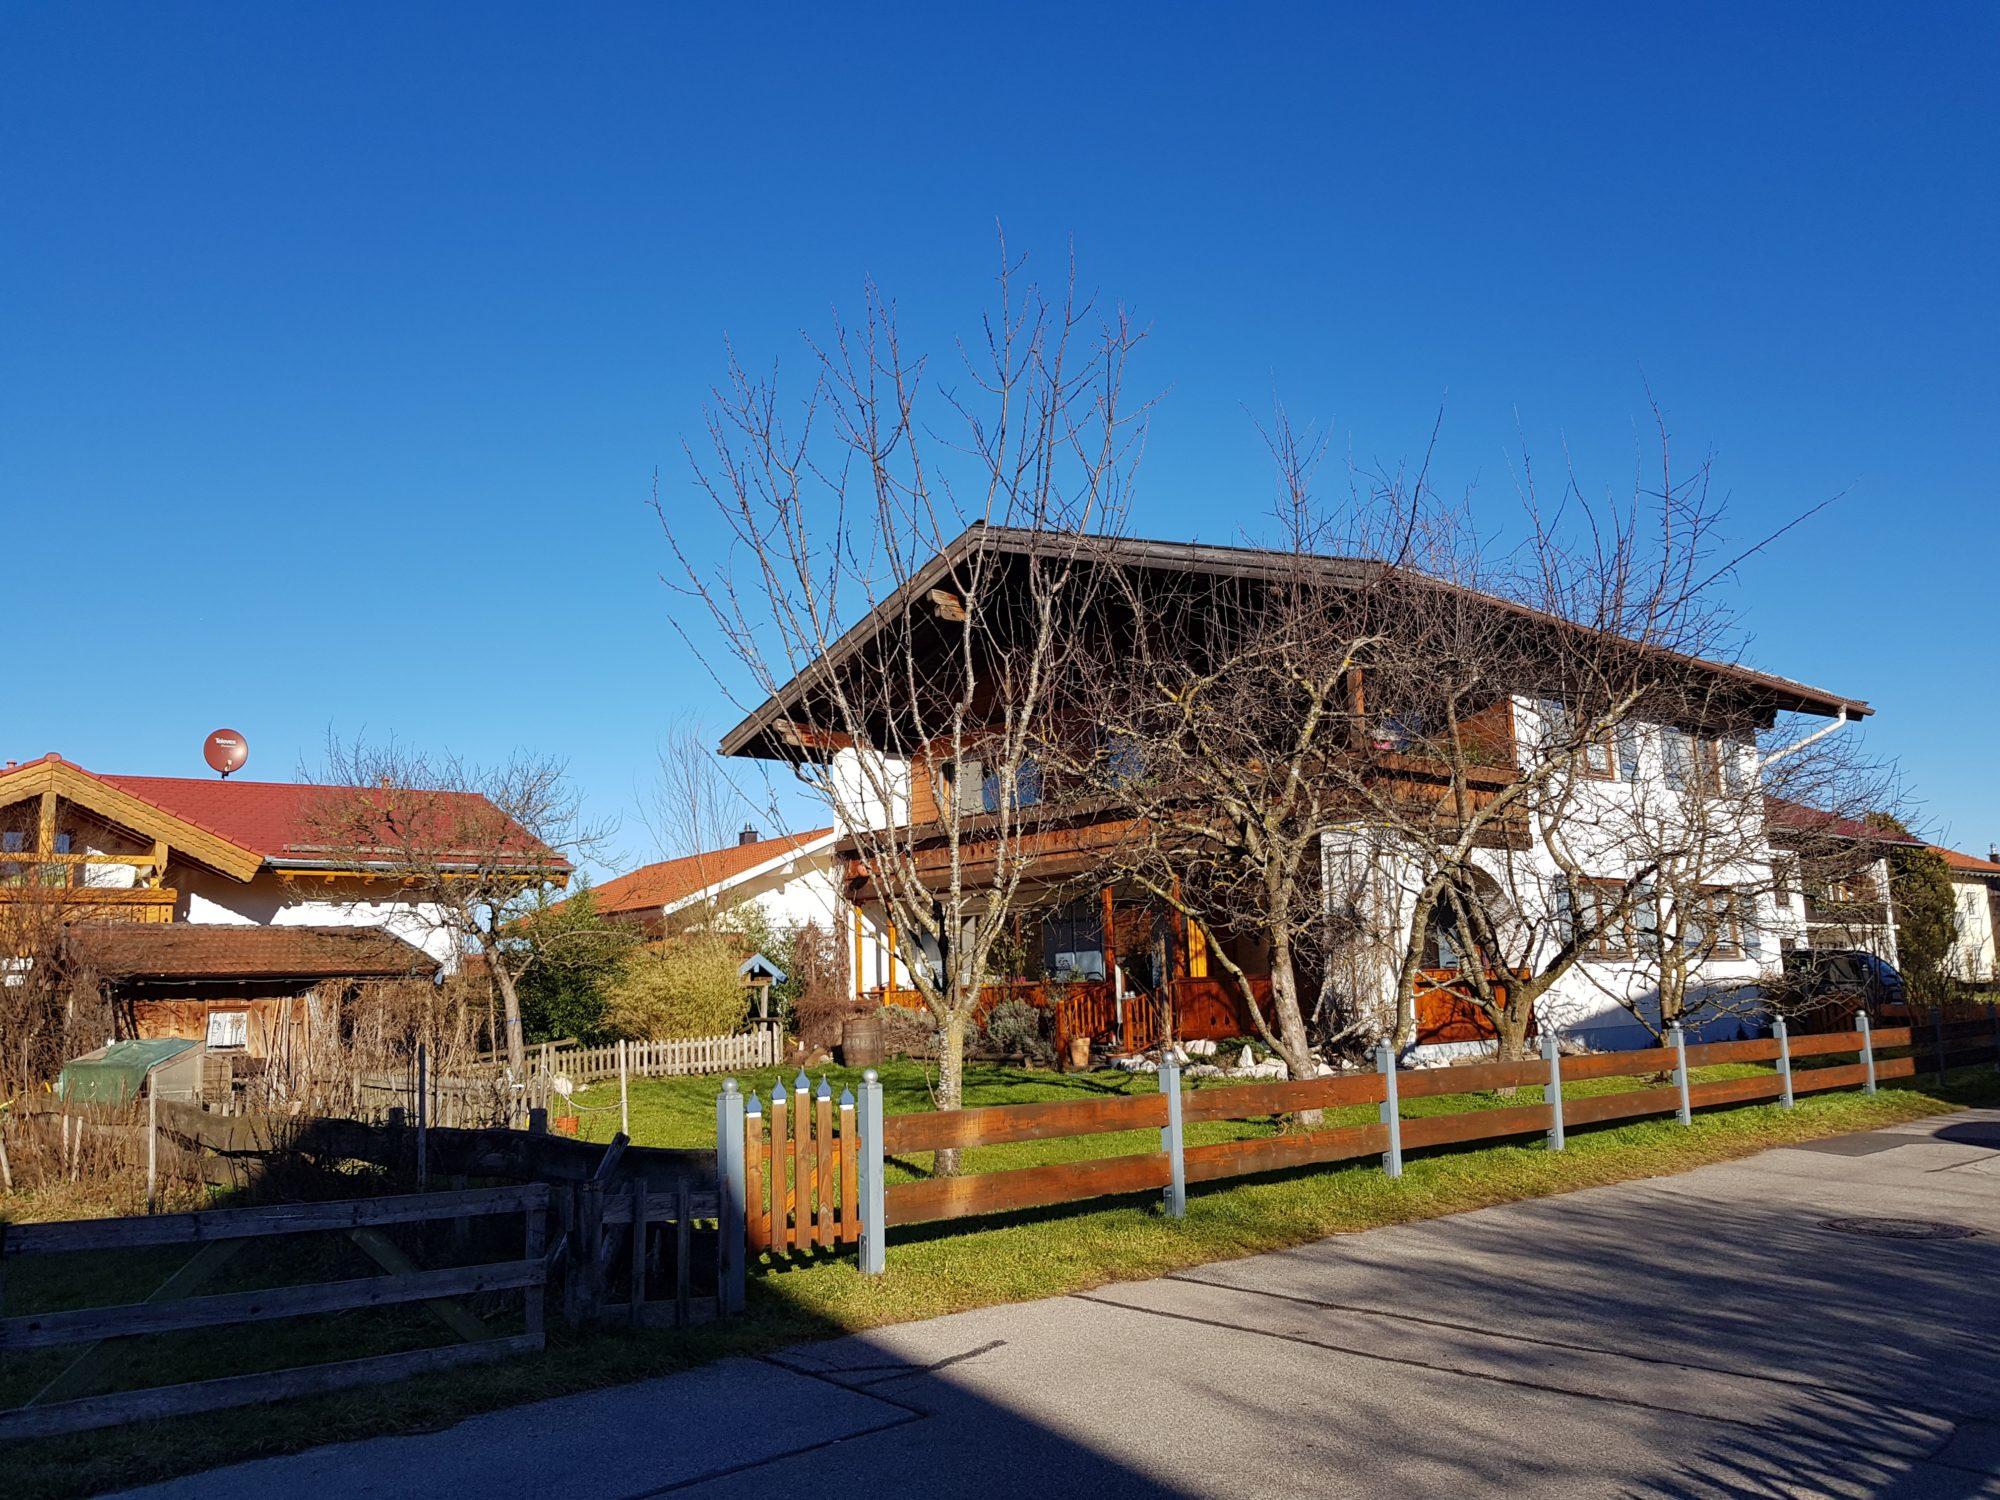 Wunderbares Ein- bzw. Zweifamilienhaus in begehrter Wohnlage in Grassau bei Chiemgau